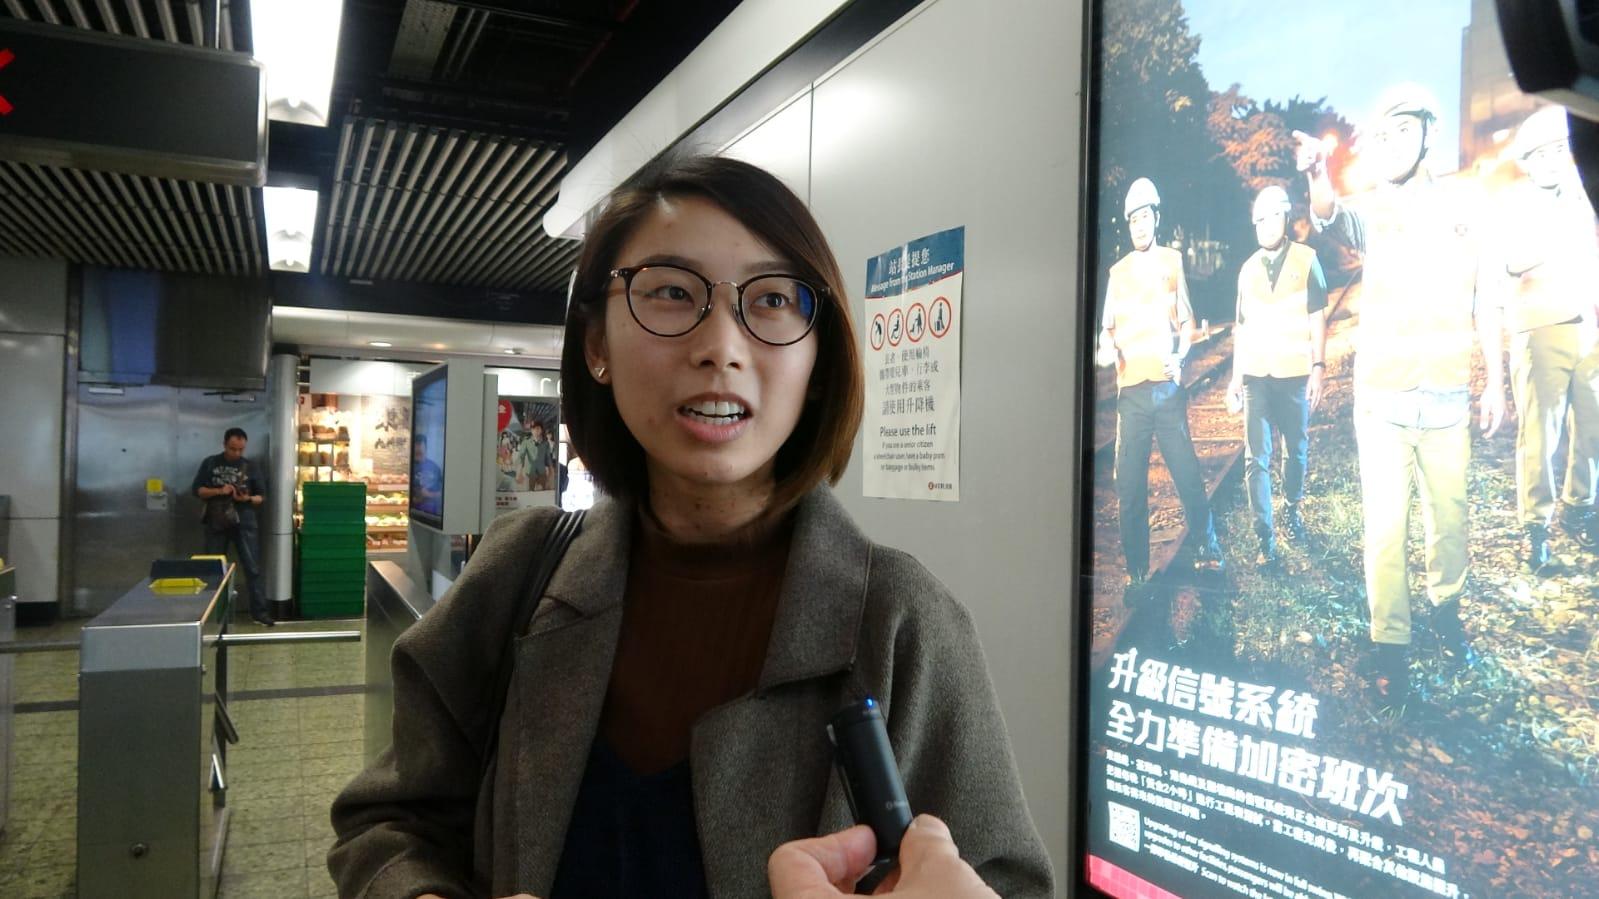 乘客馮小姐知悉事件後感到擔心,她表示會選擇步行樓梯。